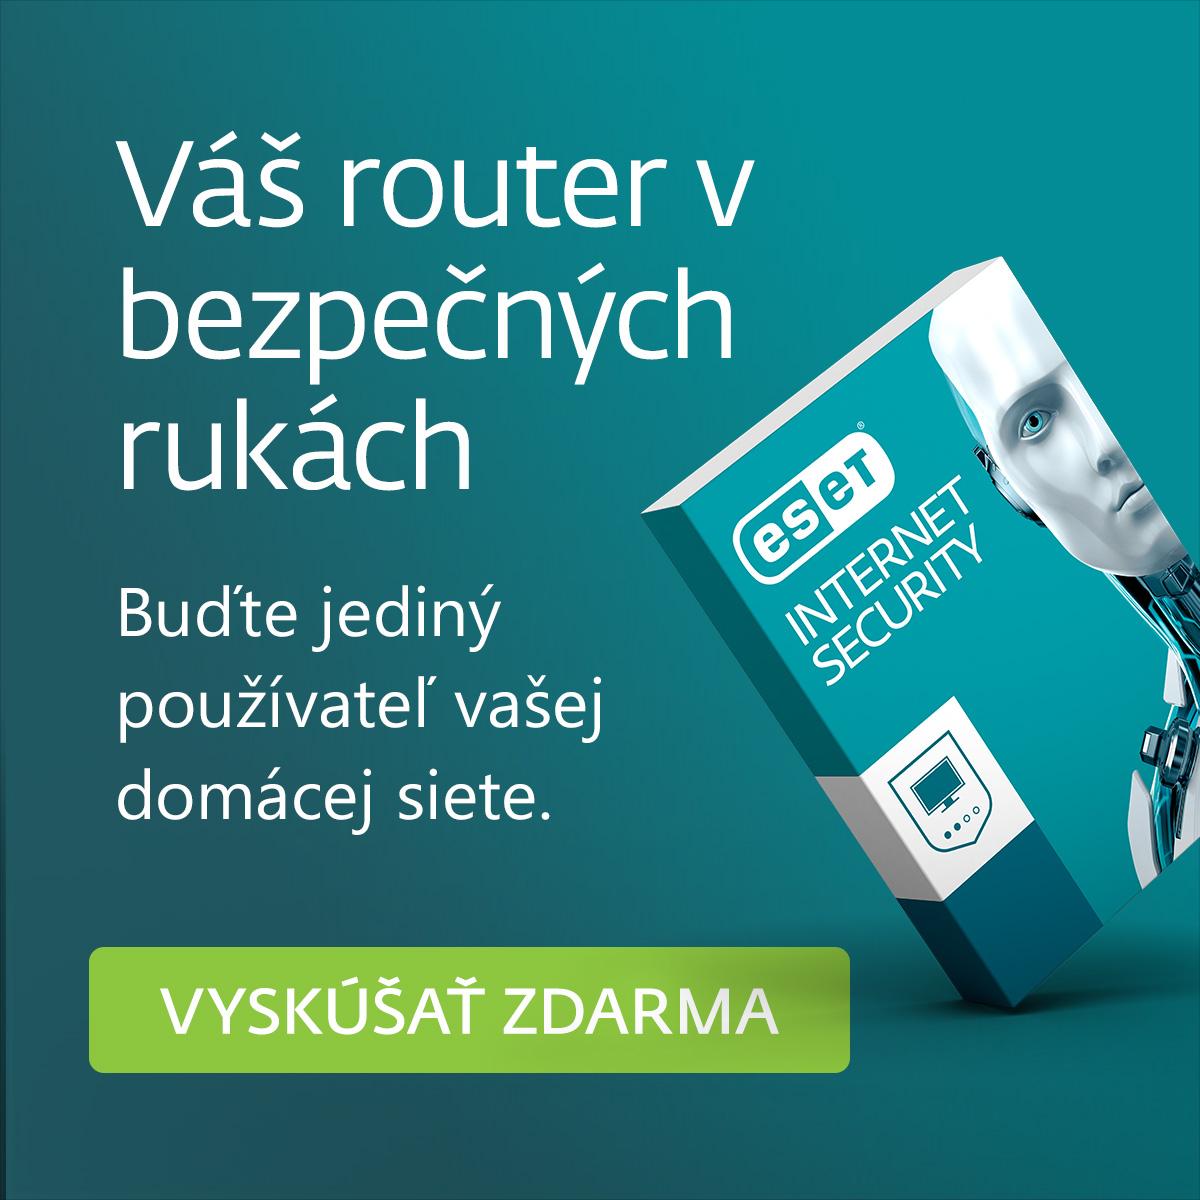 Popis: Popis: http://assets.agem.sk/popis/Eset/05.jpg